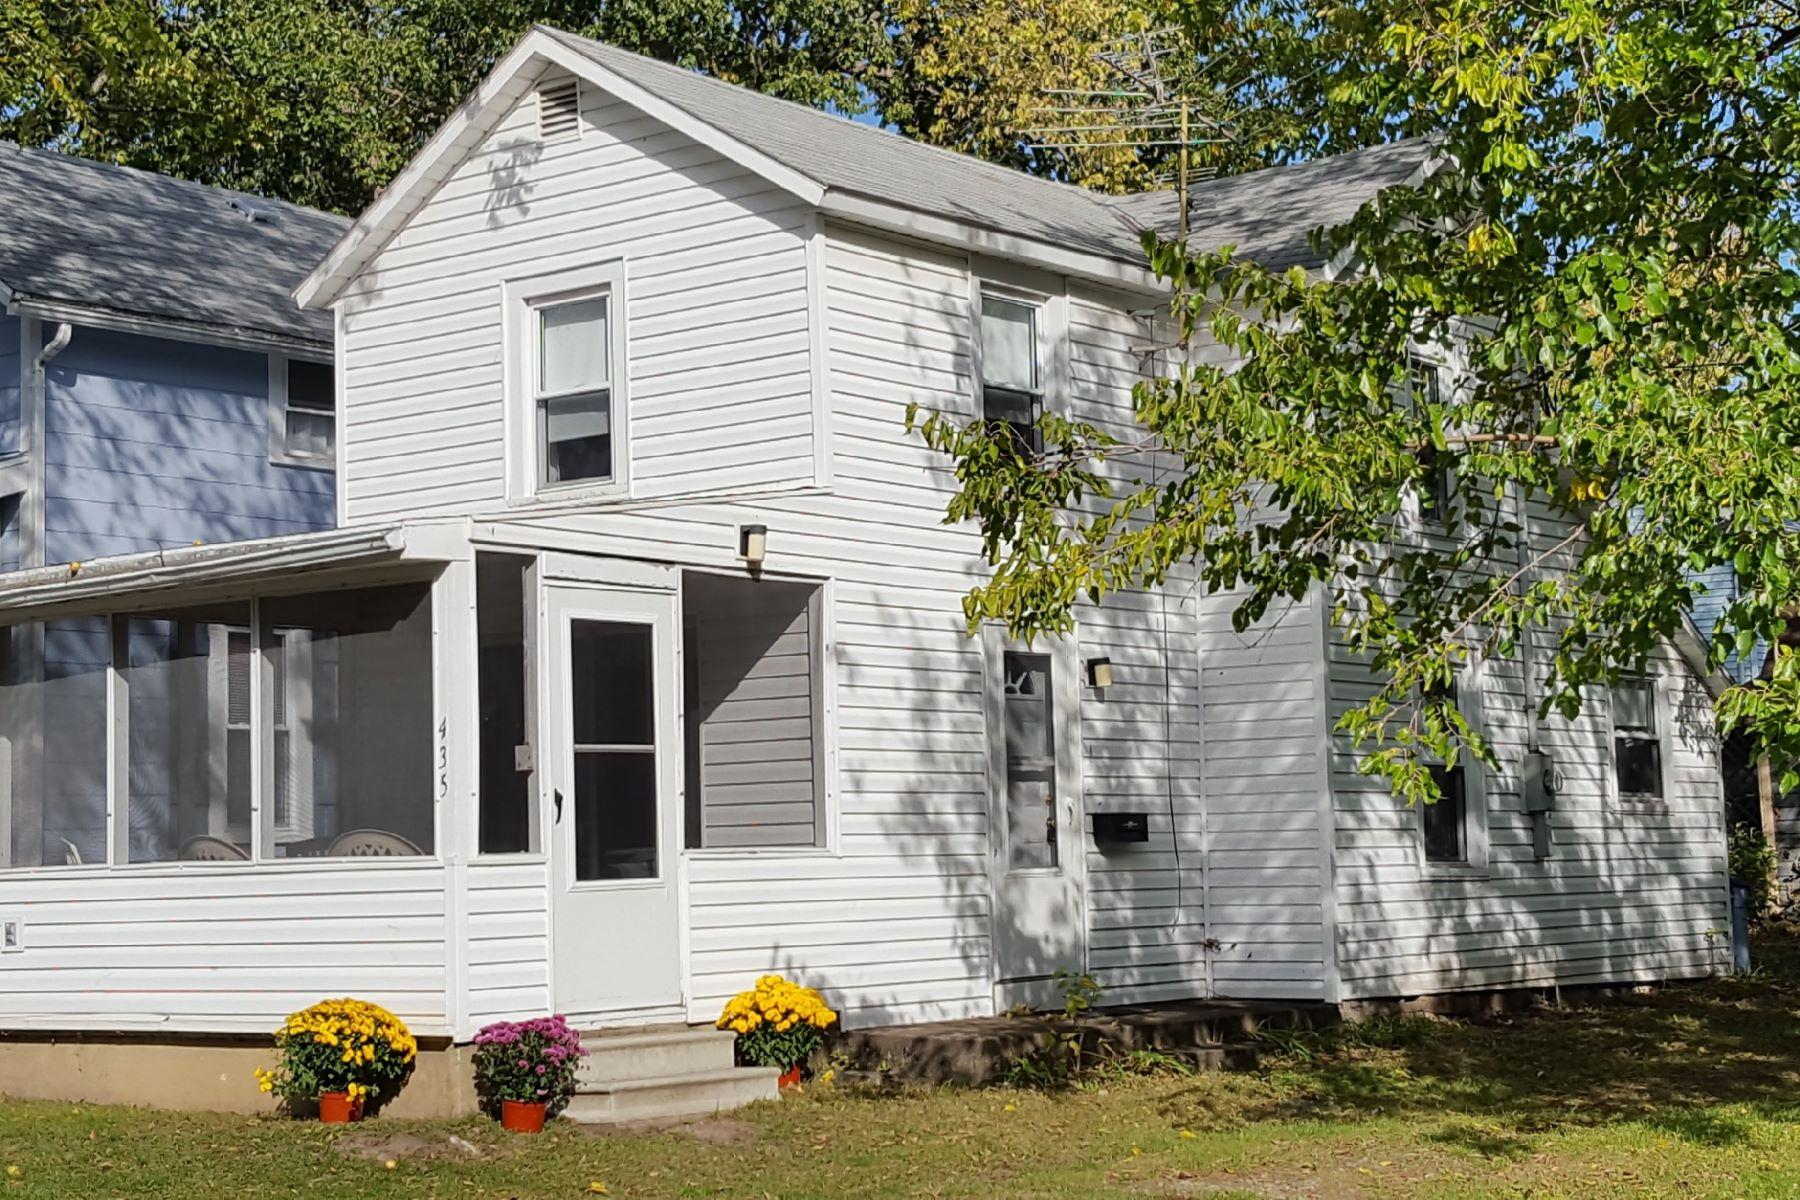 Частный односемейный дом для того Продажа на 435 Lynn Avenue Lakeside, Огайо, 43440 Соединенные Штаты